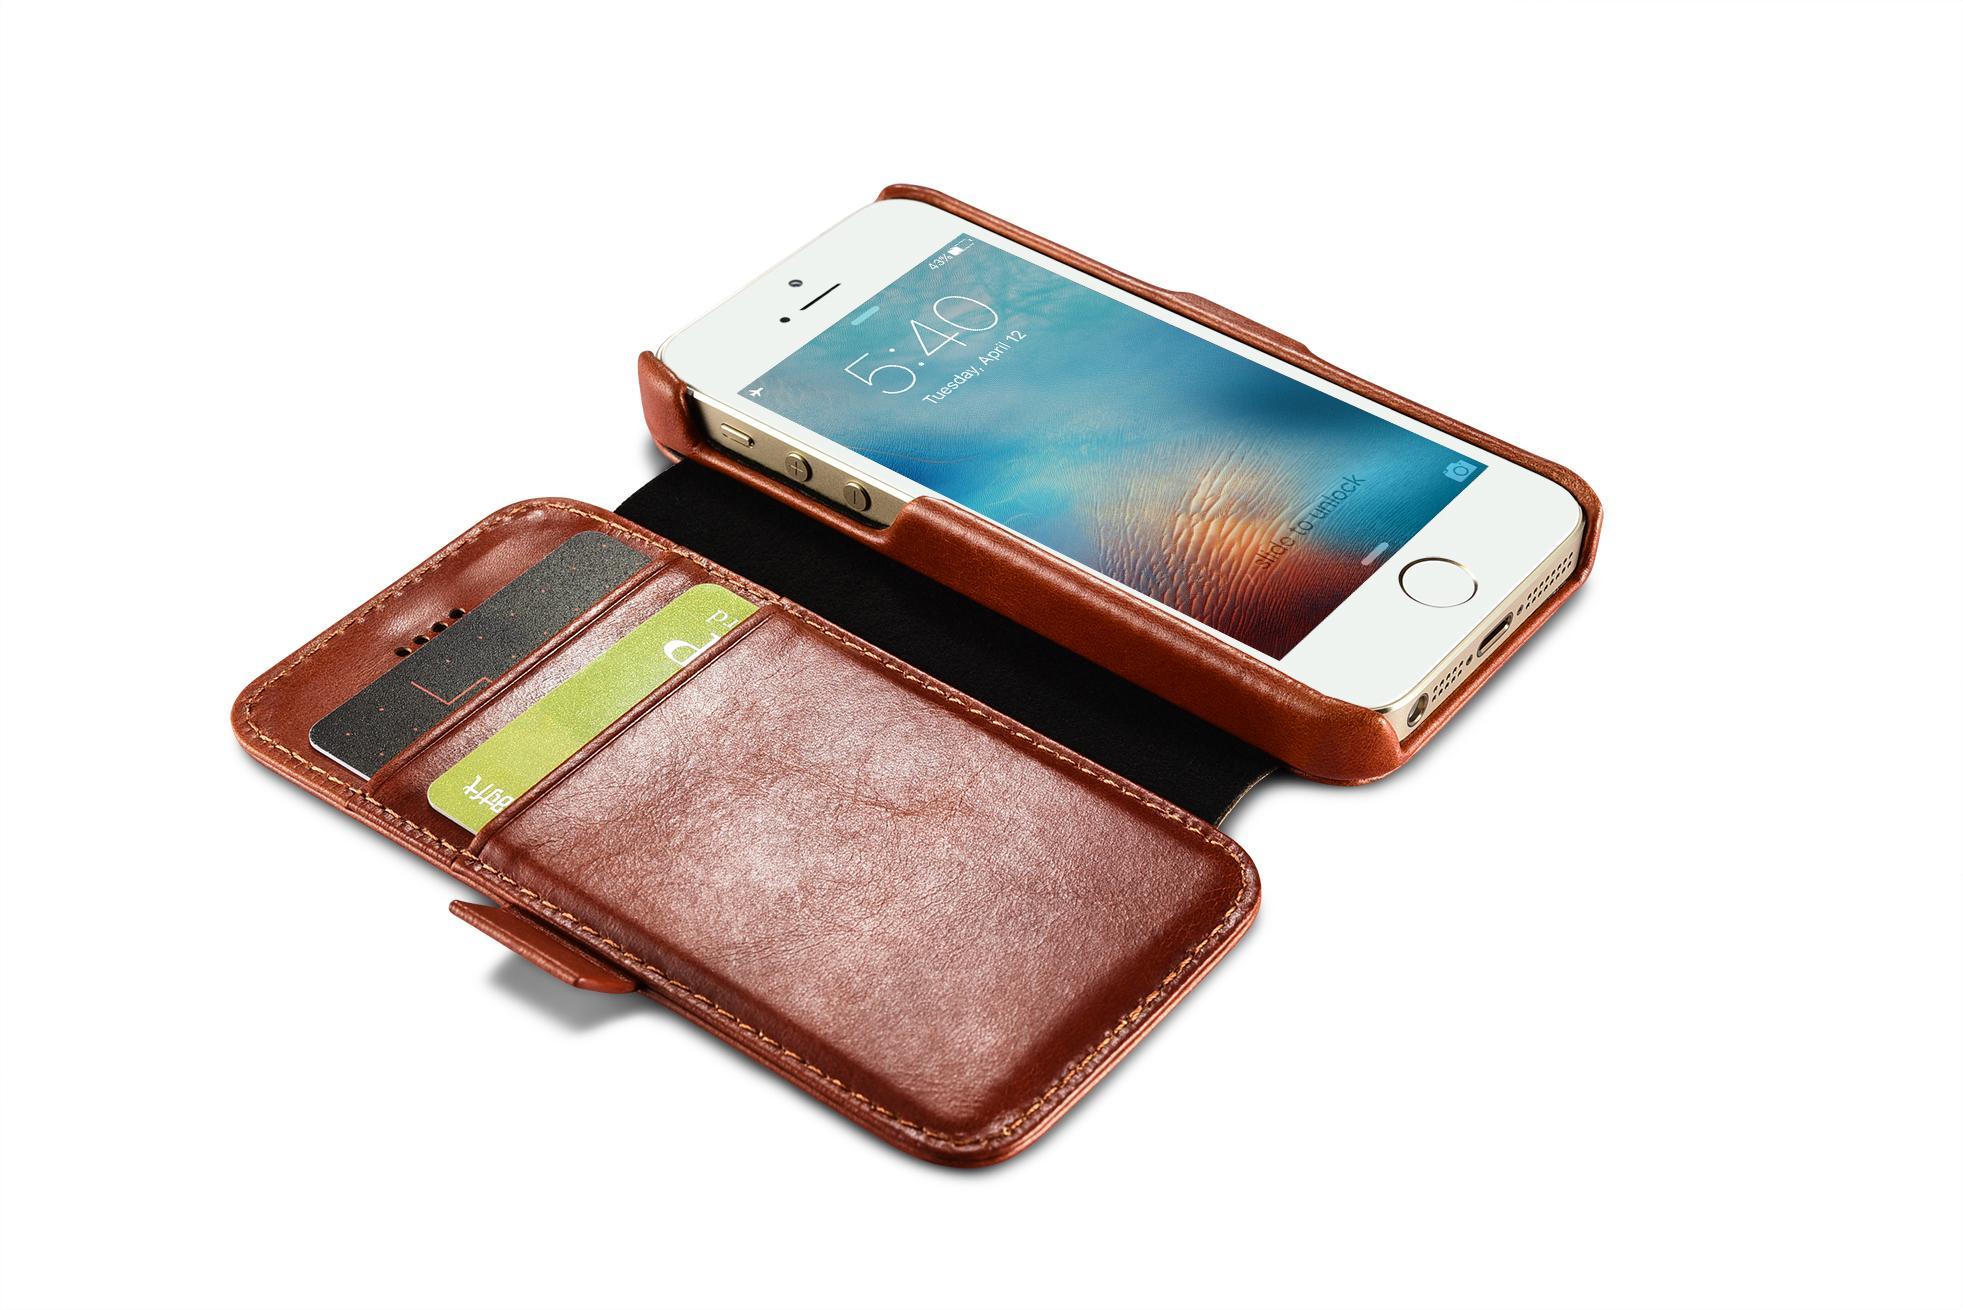 2017 iCarer iPhone SE/5S/5 Vintage Wallet Case with Two Credit Cards Slot Design 15